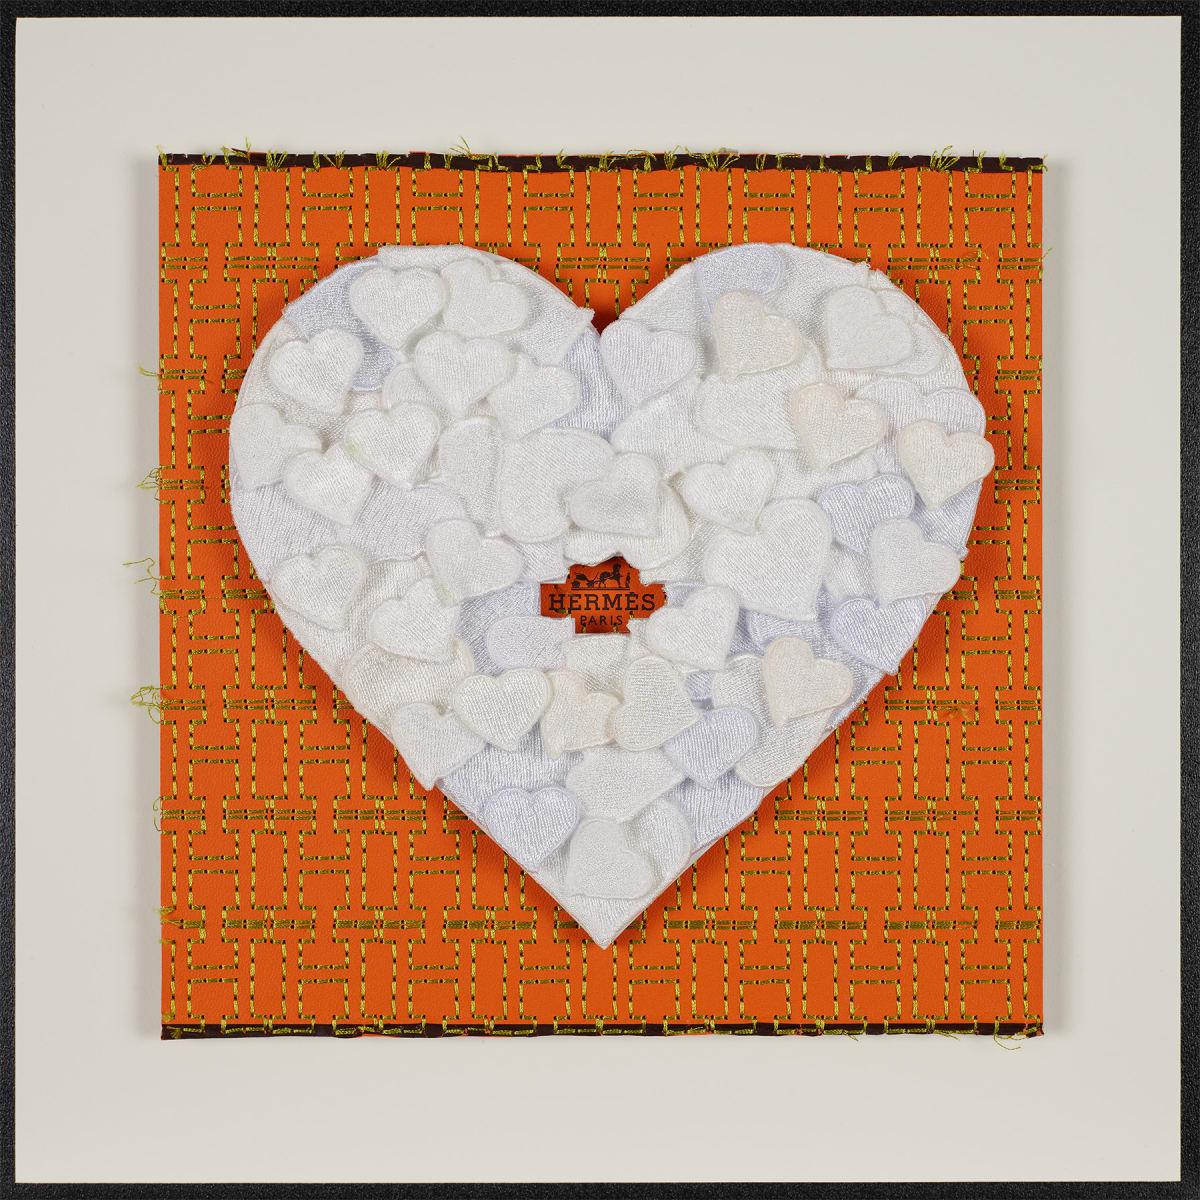 Stephen Wilson, Hermes Hearts, White, 2019